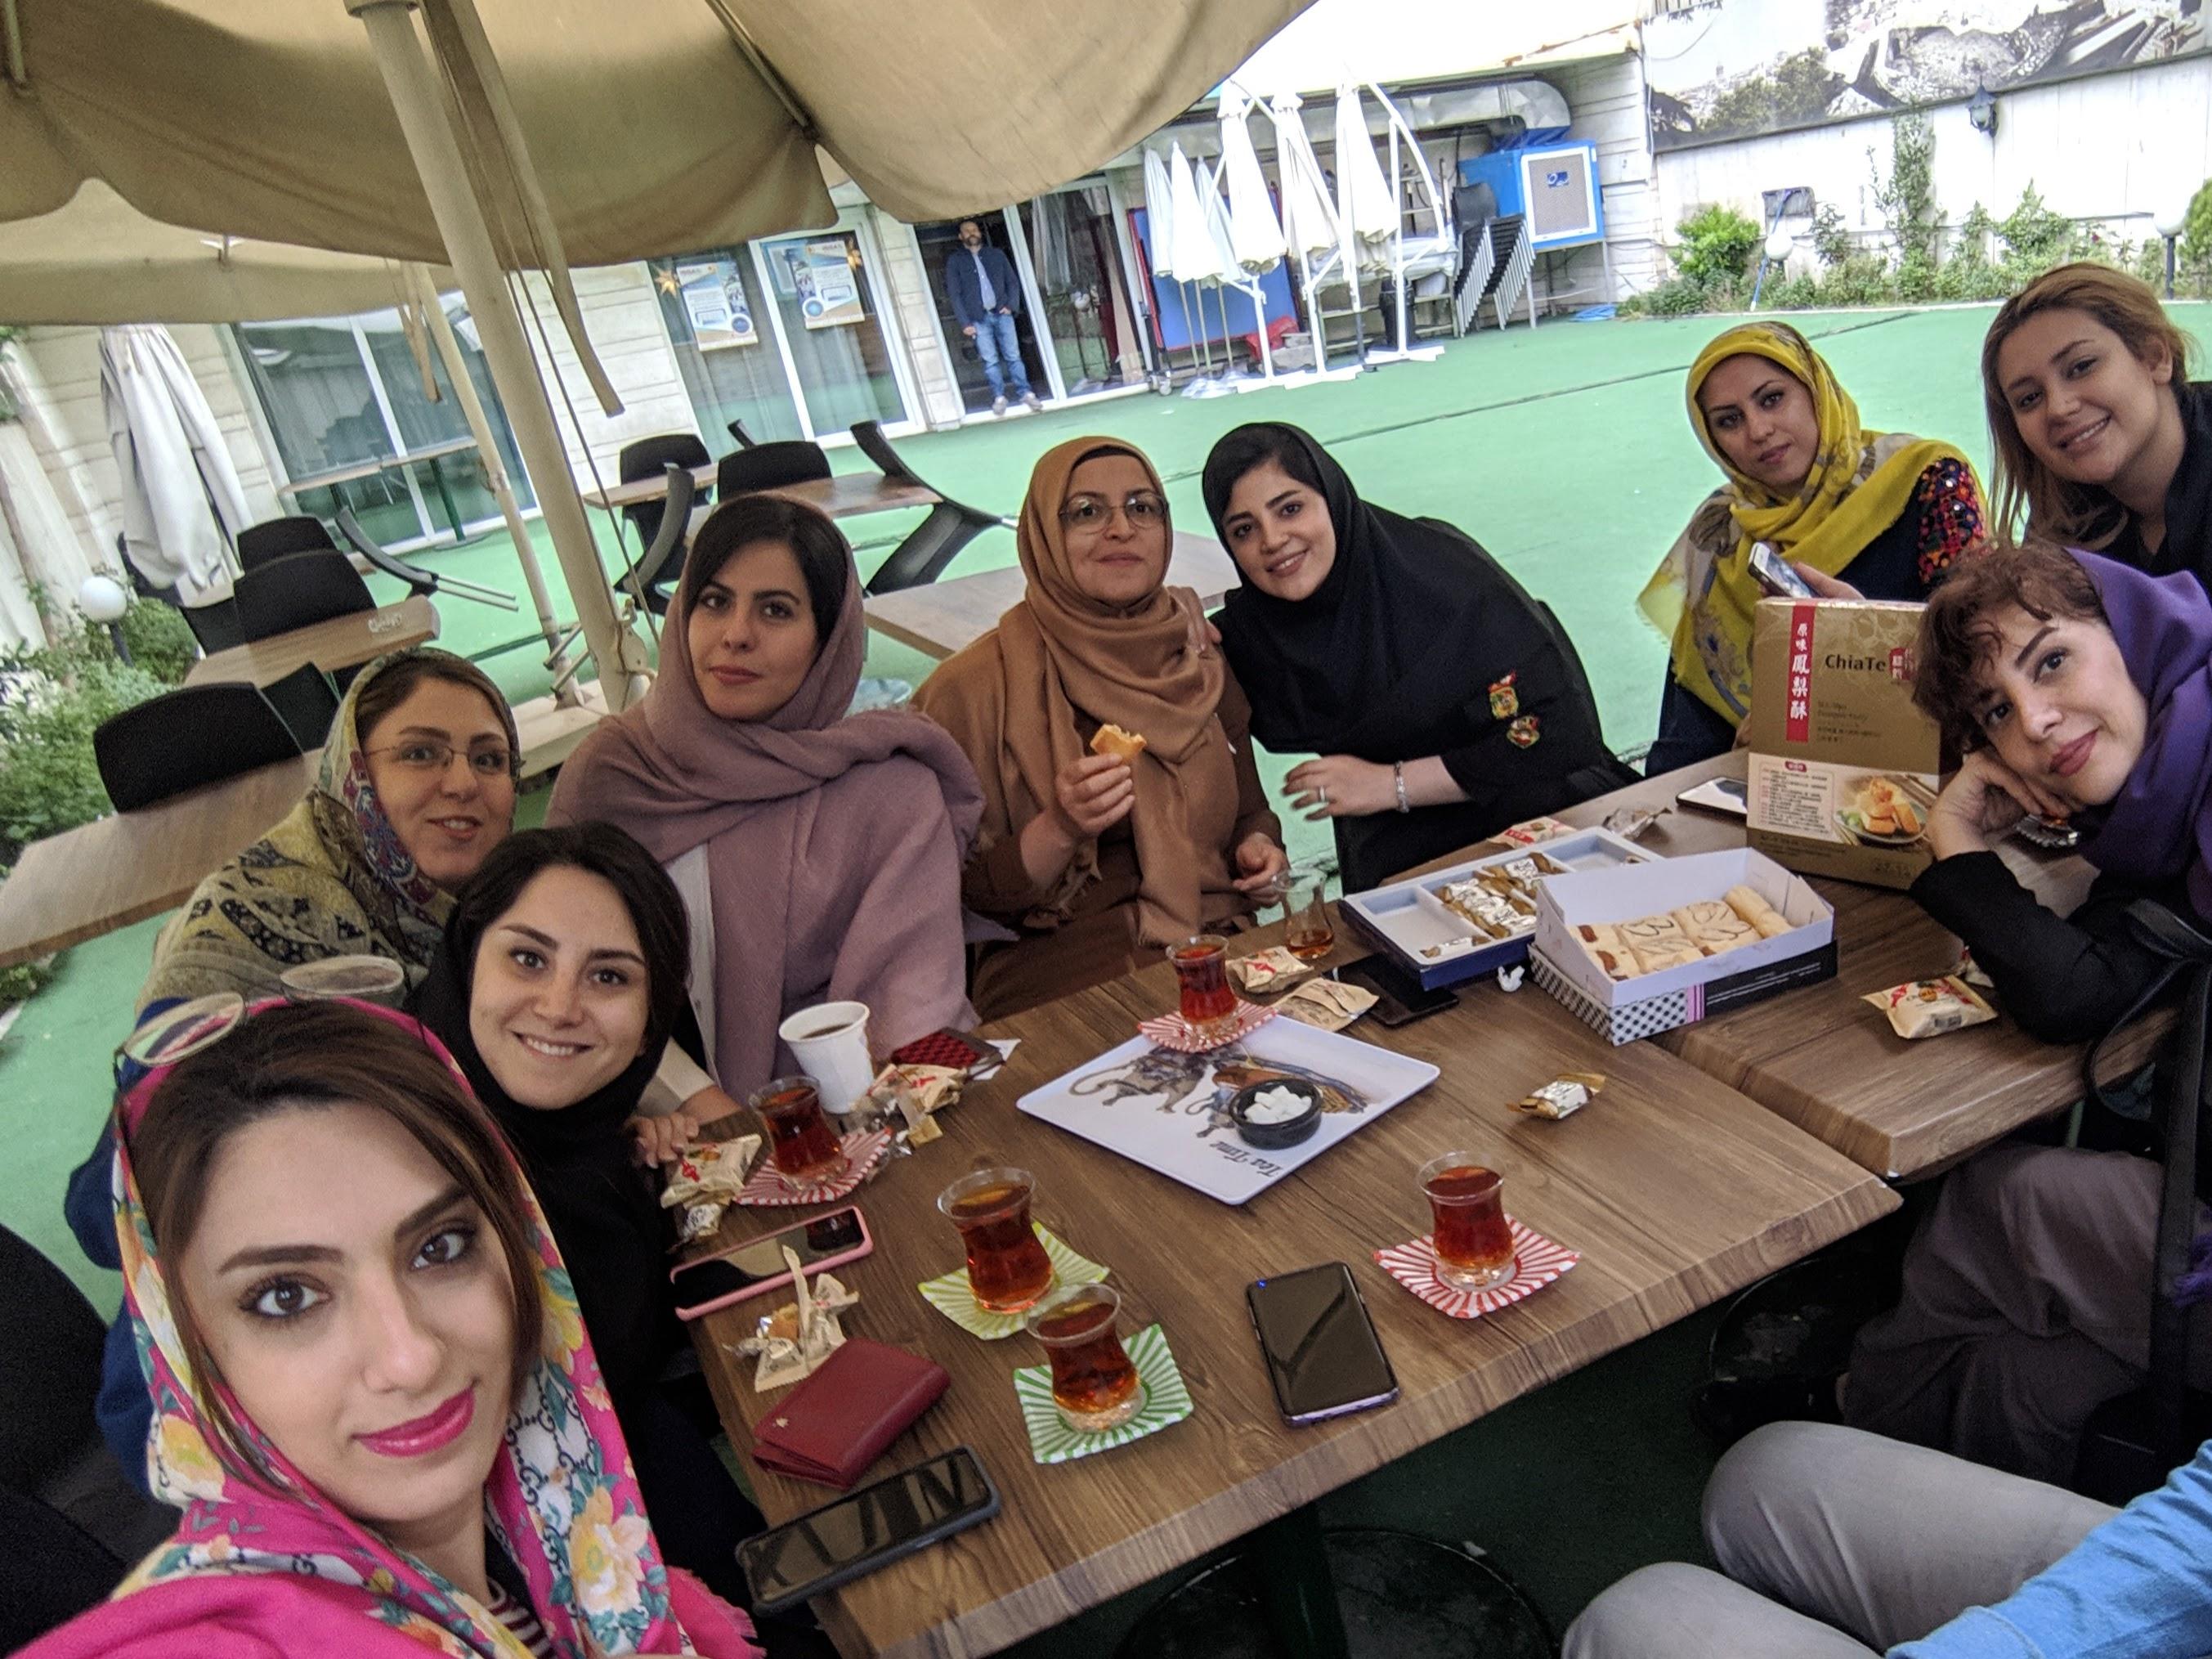 介紹台灣佳德鳳梨酥給土耳其老師與伊朗同學,大家讚不絕口